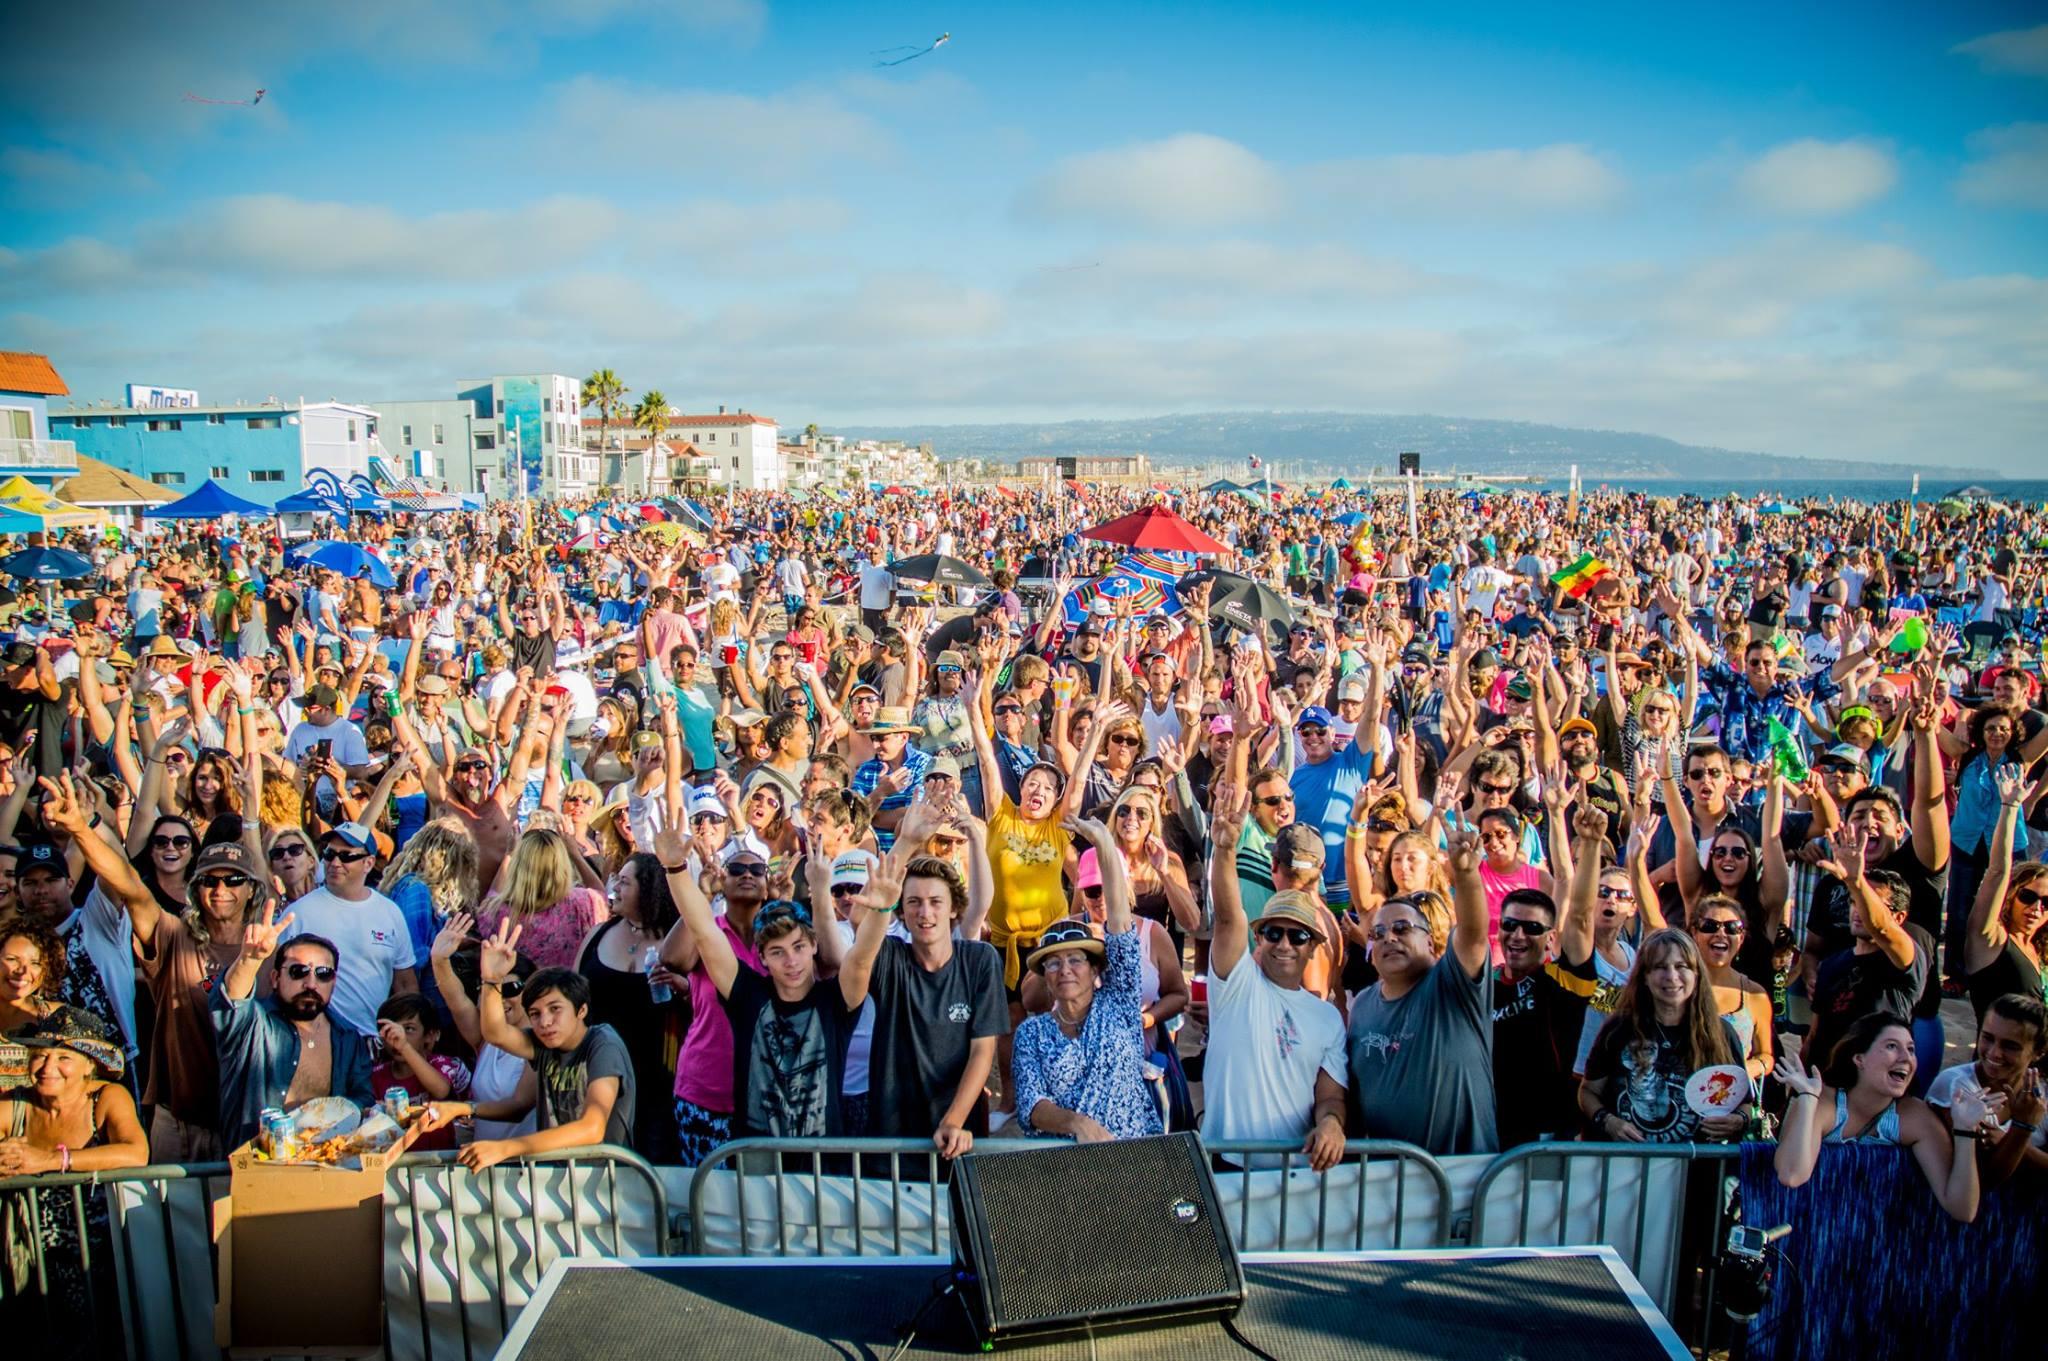 BeachLife Festival Announces Inaugural 2019 Lineup: Brian